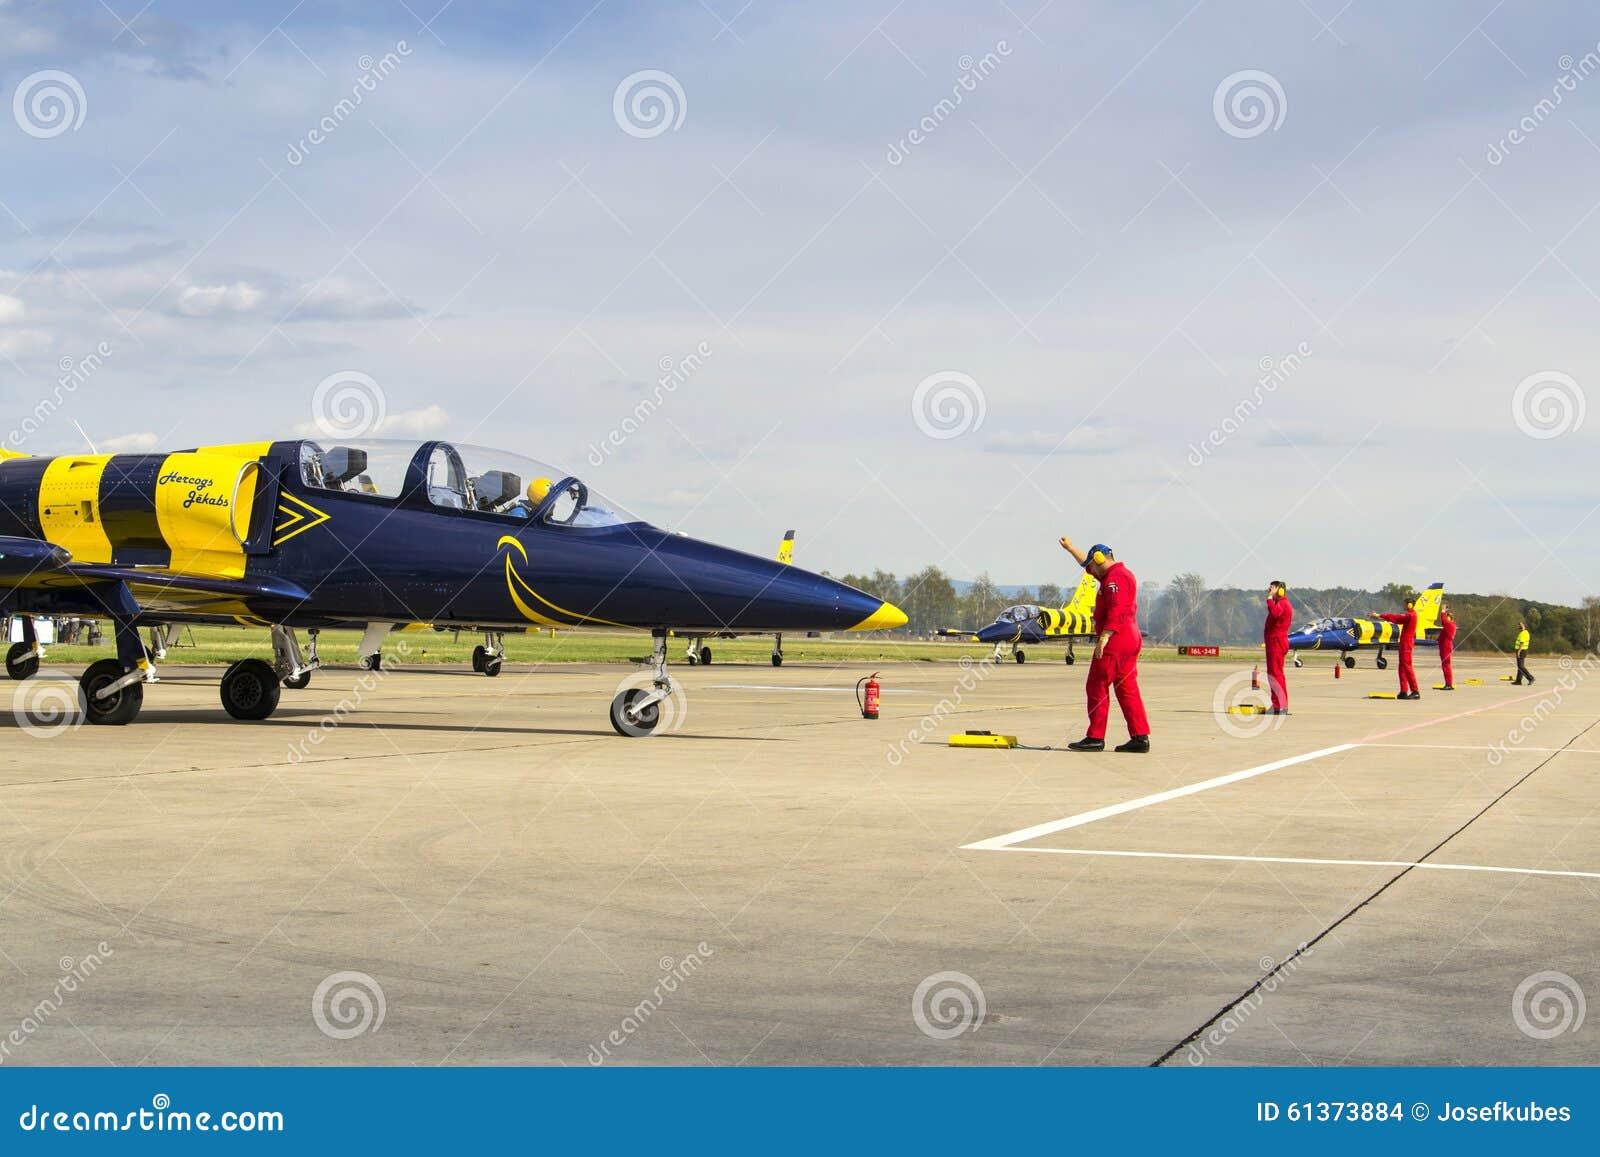 Les abeilles baltiques Jet Team avec L-39 surface le roulement sur la piste